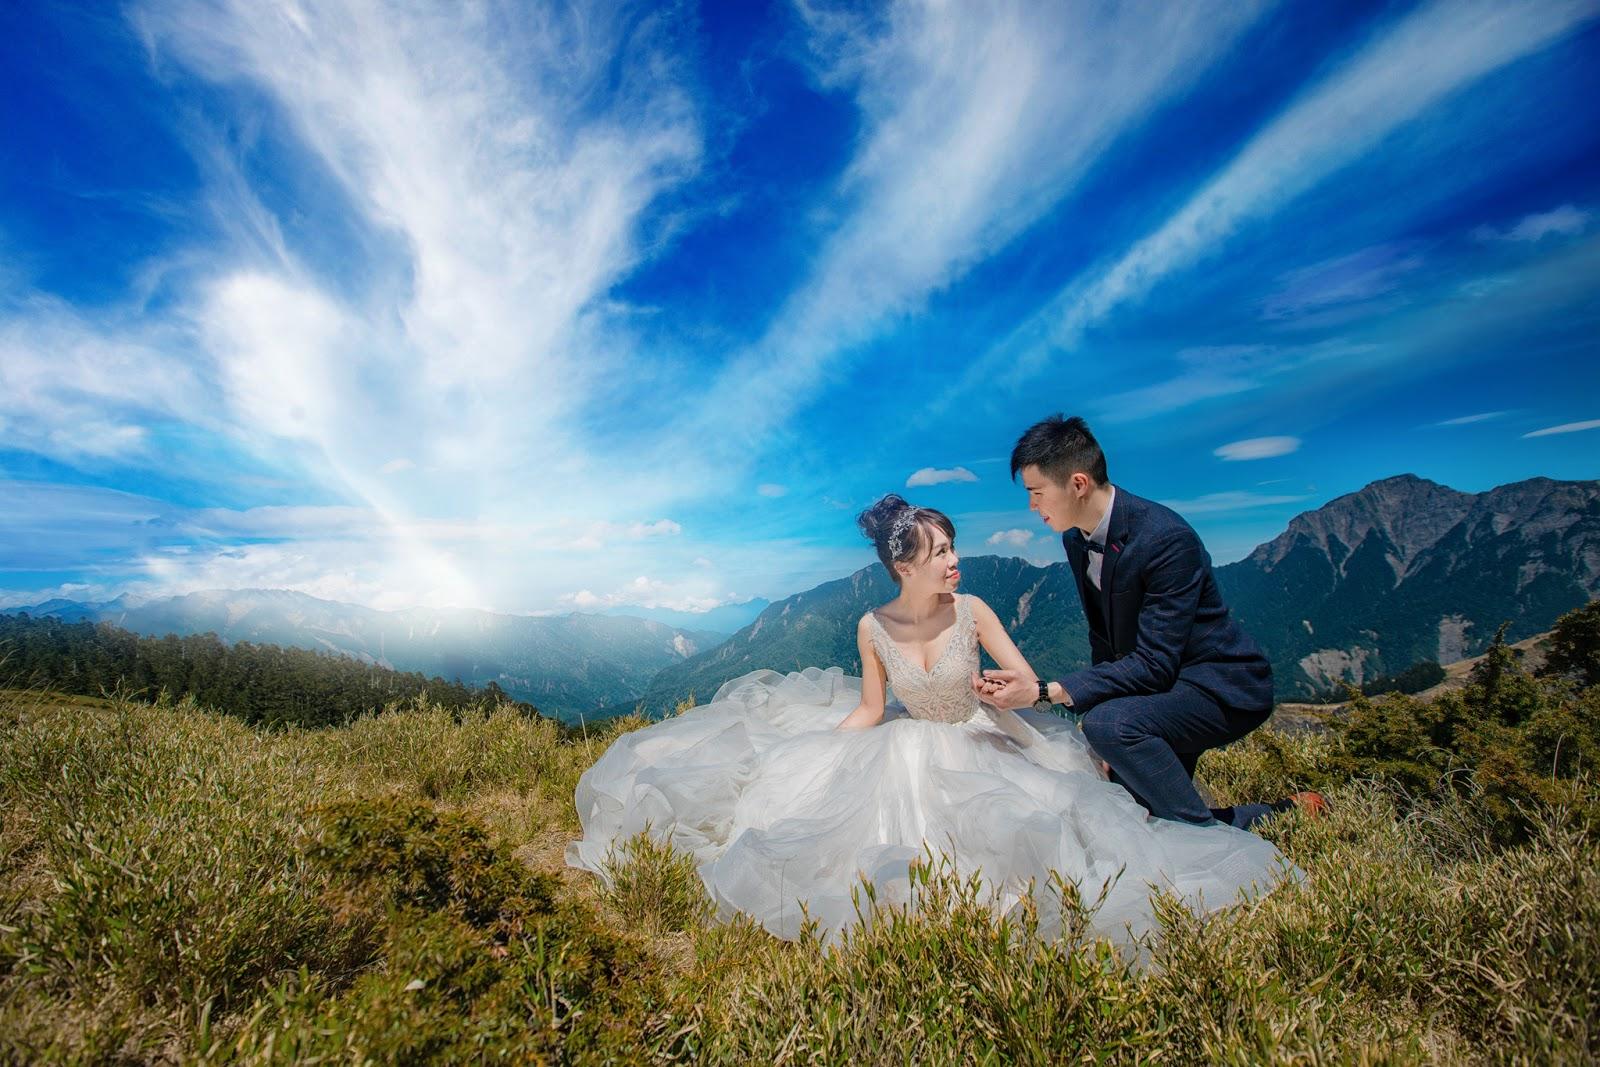 [老英格蘭婚紗] 台北婚紗推薦 國內自助婚紗 歐洲巴黎風格 香港新人 布拉格遊玩 海外婚紗 城堡婚紗 白雪公主 超值婚紗 ptt結婚版 合歡山